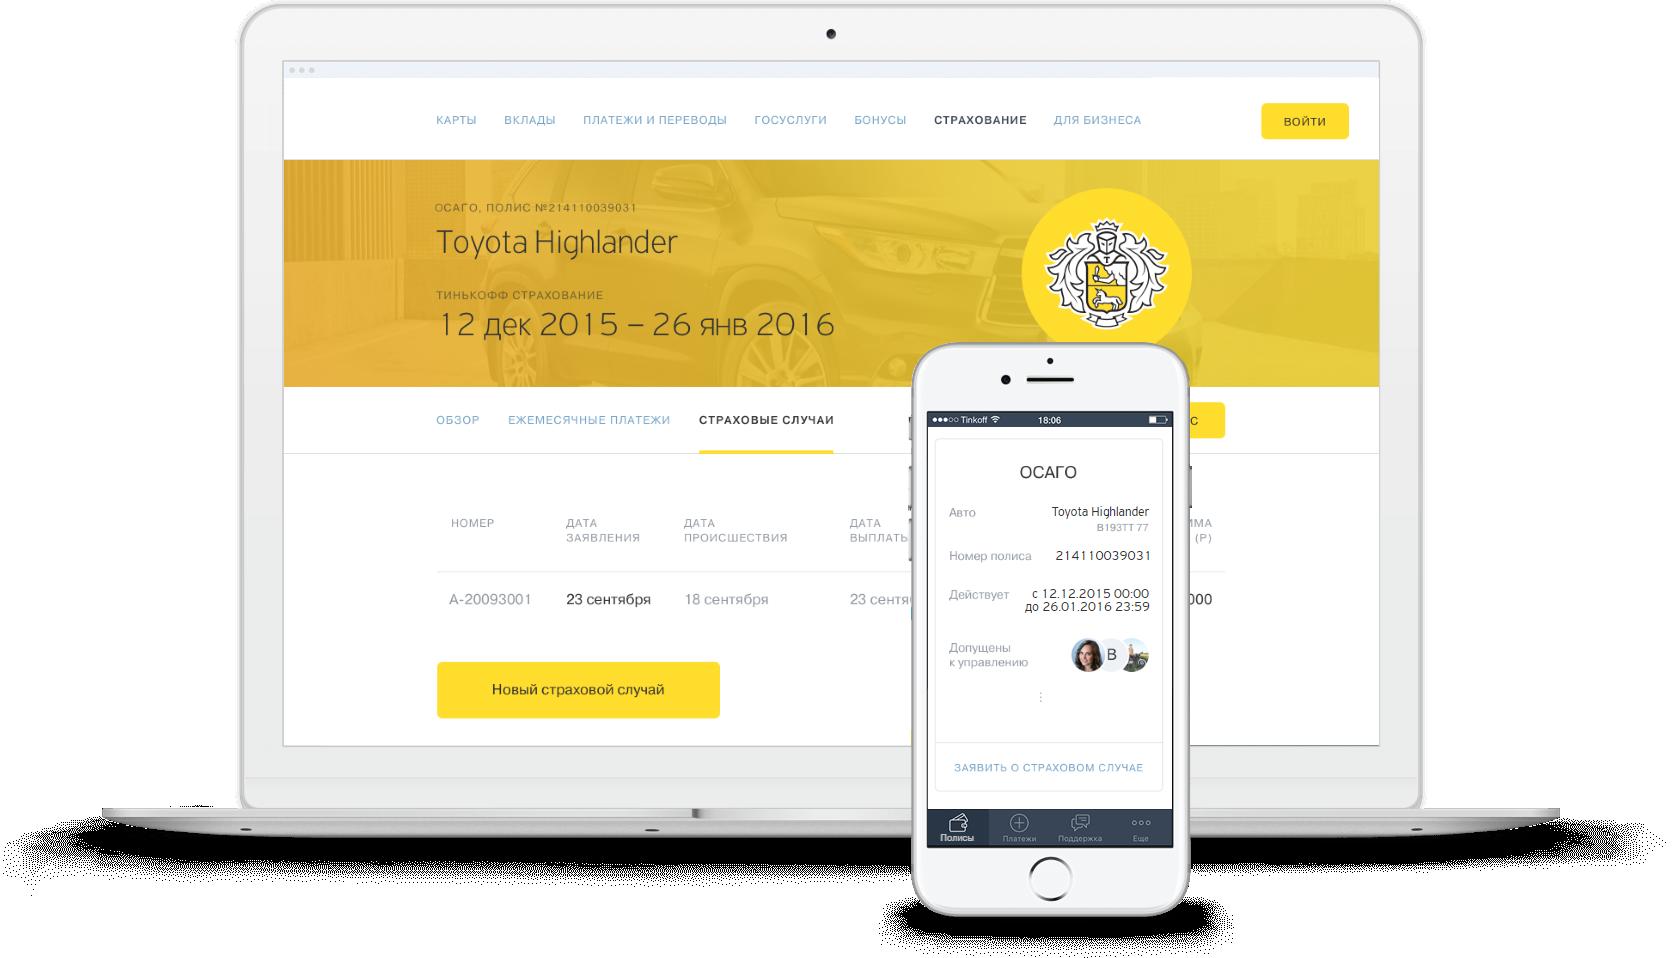 восточный экспресс банк официальный сайт оплатить кредит онлайн красноярск